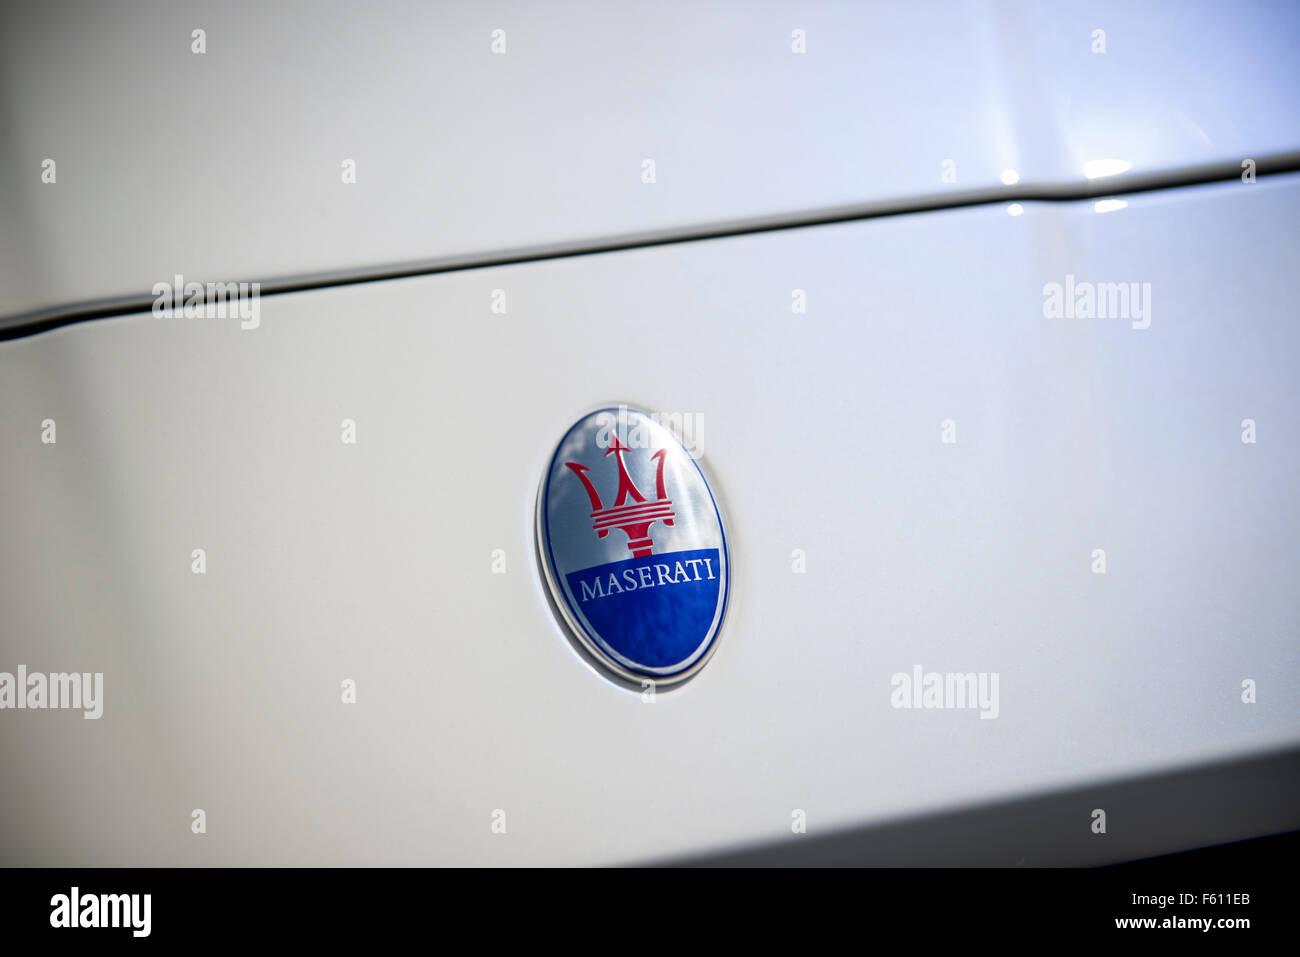 Maserati Bonnet Badge - Stock Image